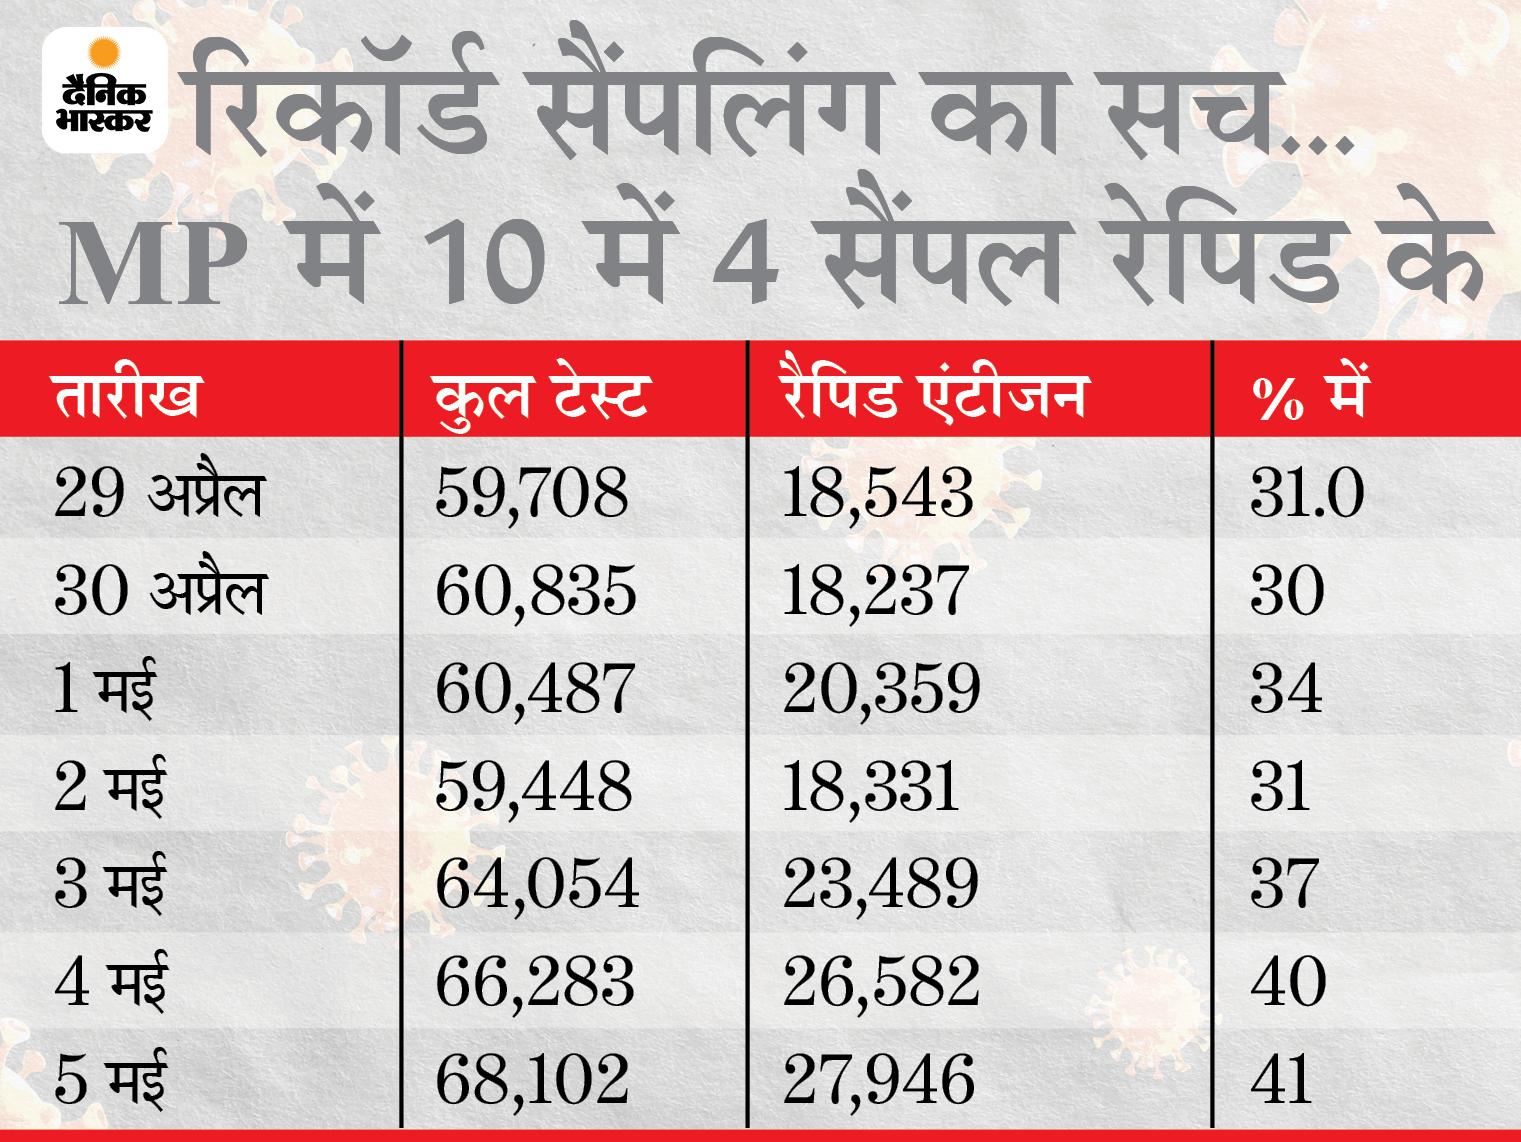 41% से ज्यादा रैपिड एंटीजन टेस्ट इसलिए बन रहा टेस्टिंग का रिकॉर्ड; 5 मई को सबसे अधिक 68,102 सैंपल लिए|मध्य प्रदेश,Madhya Pradesh - Dainik Bhaskar